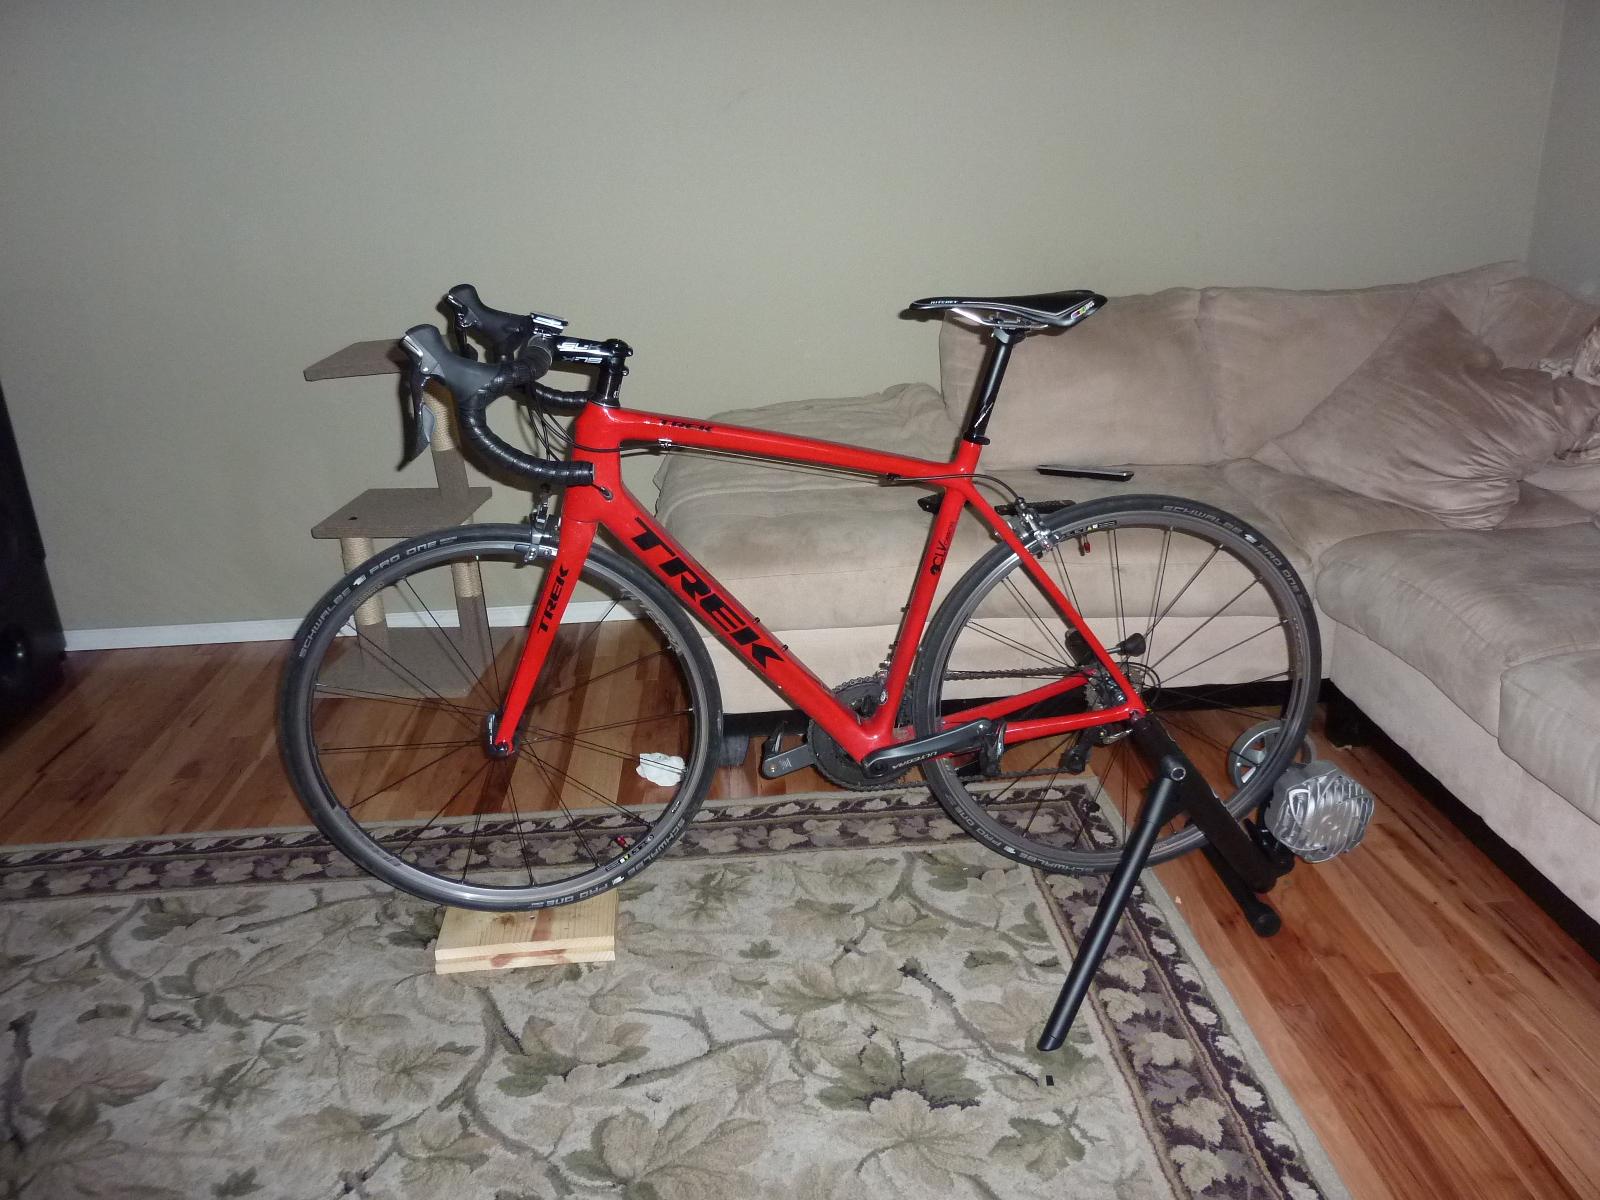 Trek Madone 400 carbon road bike frame / fork / Headset $549 west coast